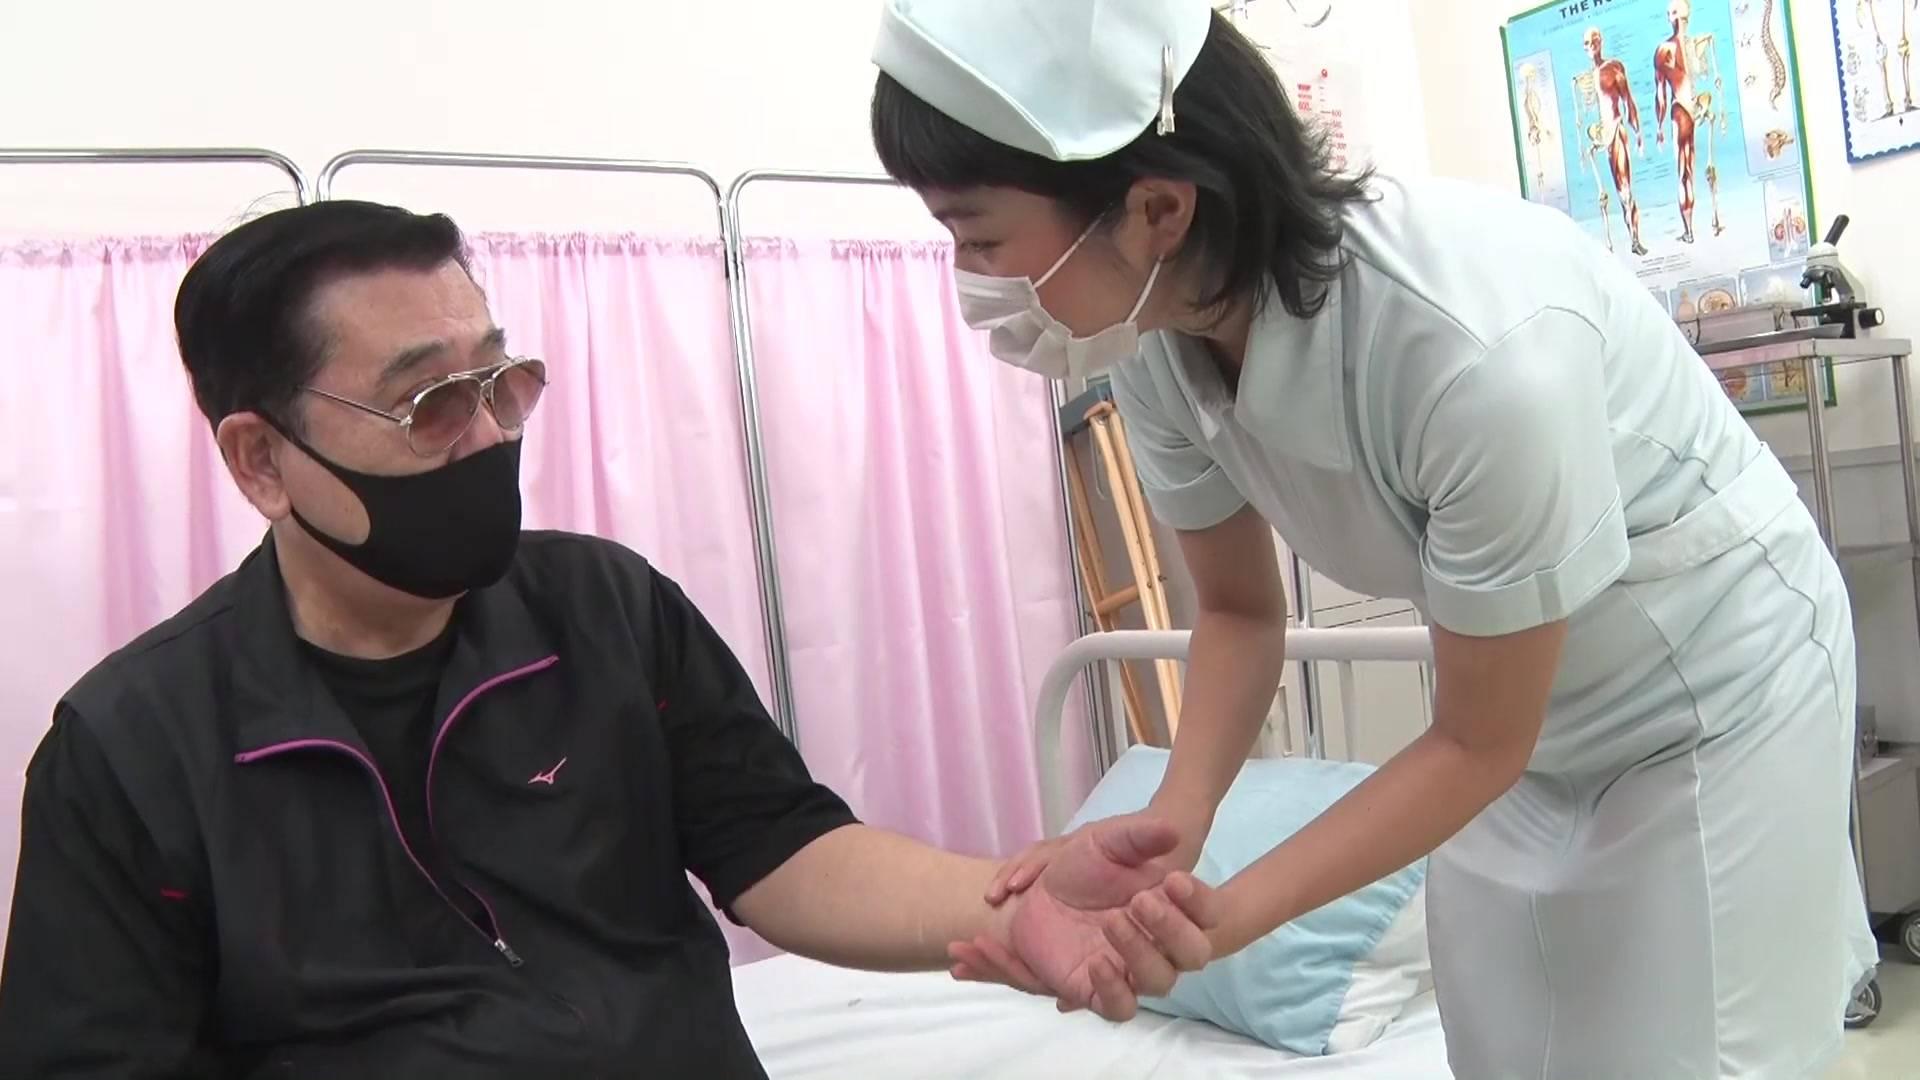 可愛い看護婦さんのお腹を殴ったら最後まで… 1/5 サンプル画像02